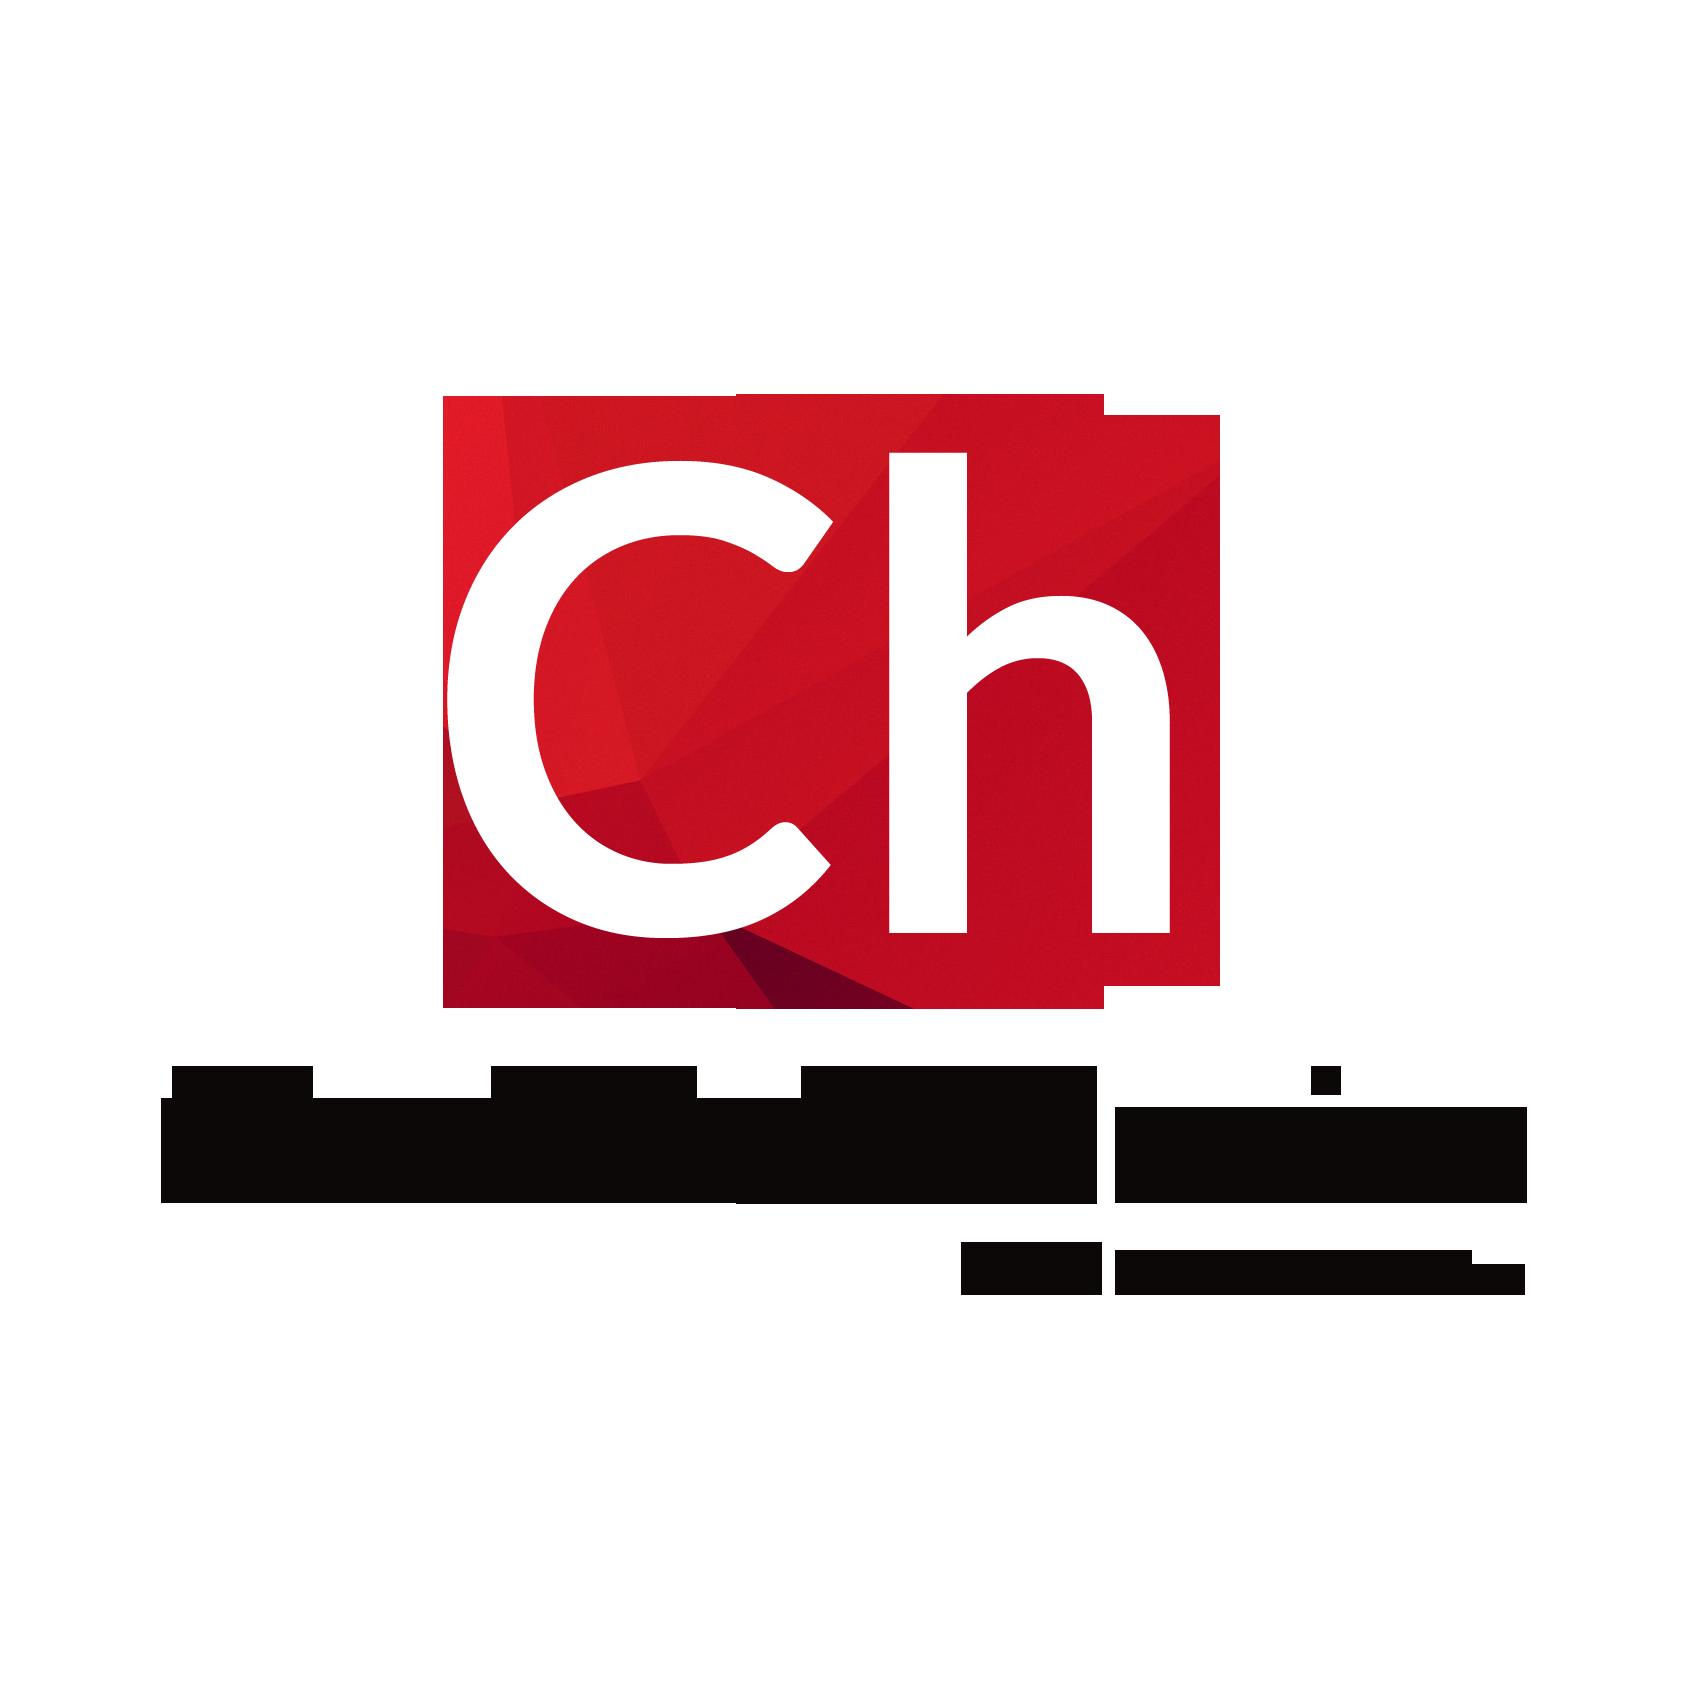 logo1 chebská televize